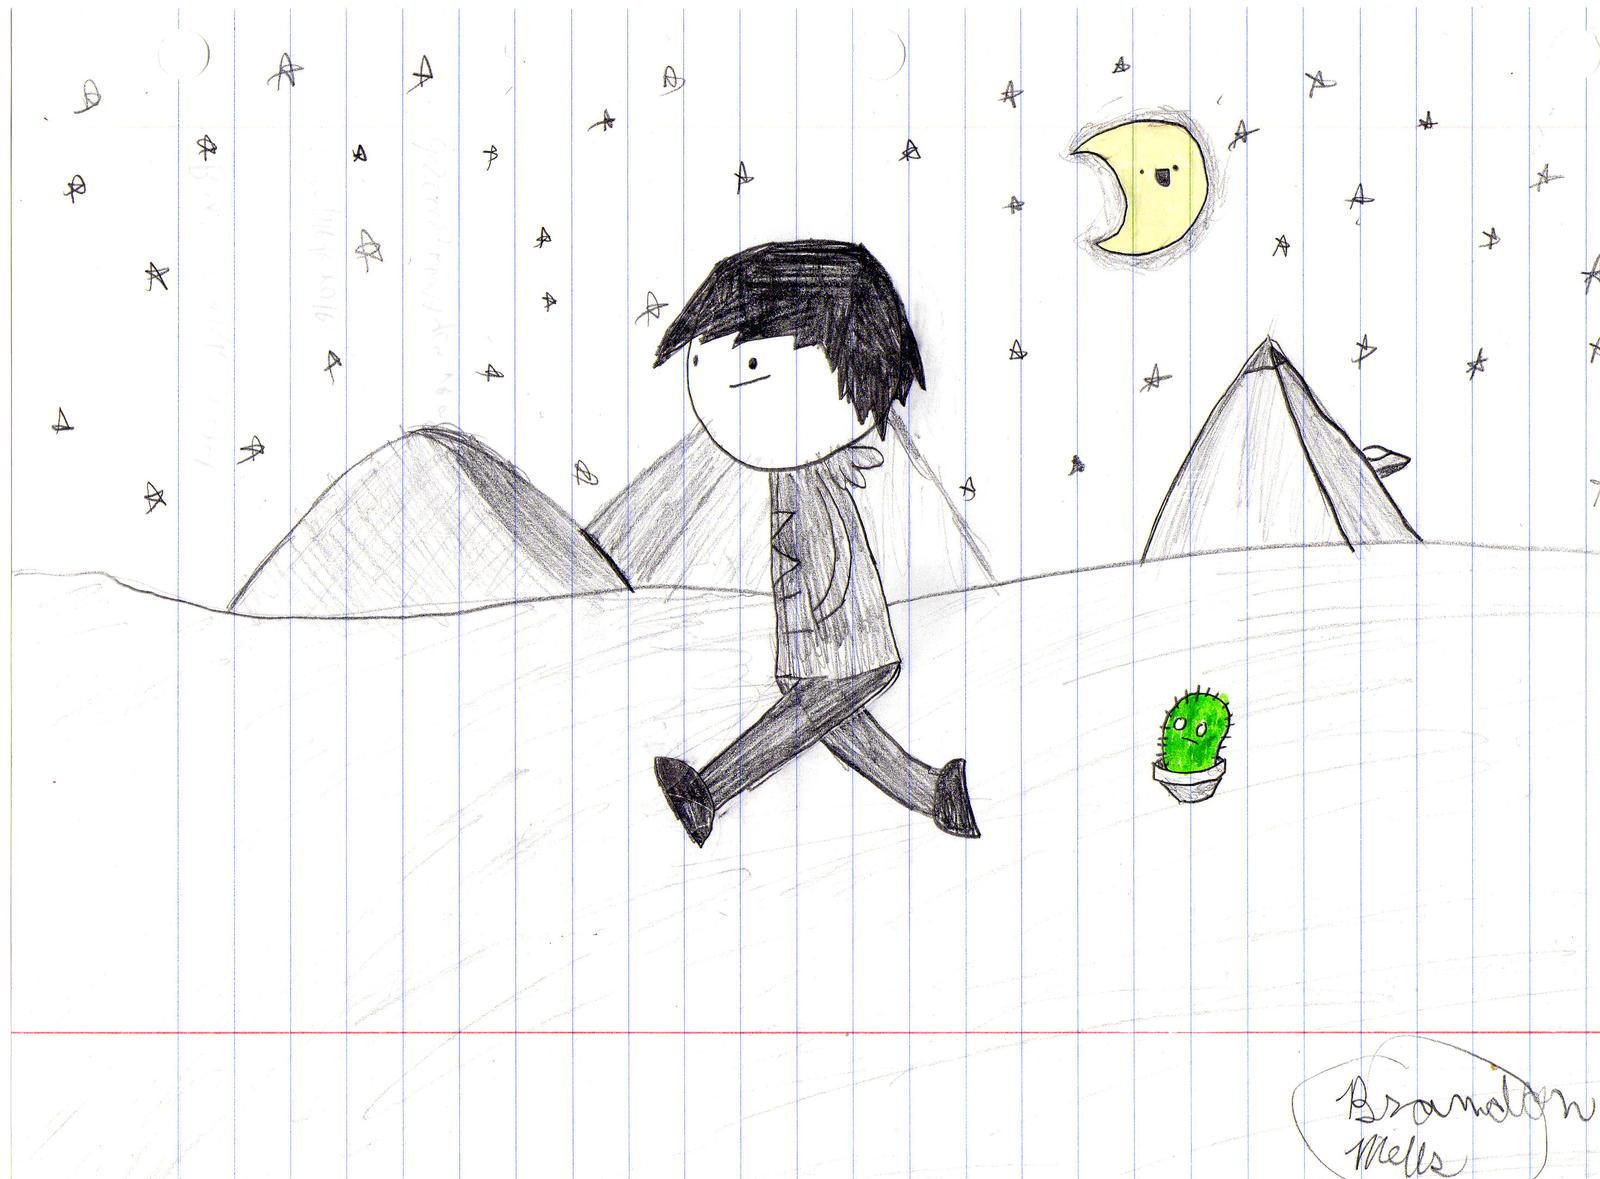 random drawing 2 by acfan120 on deviantart